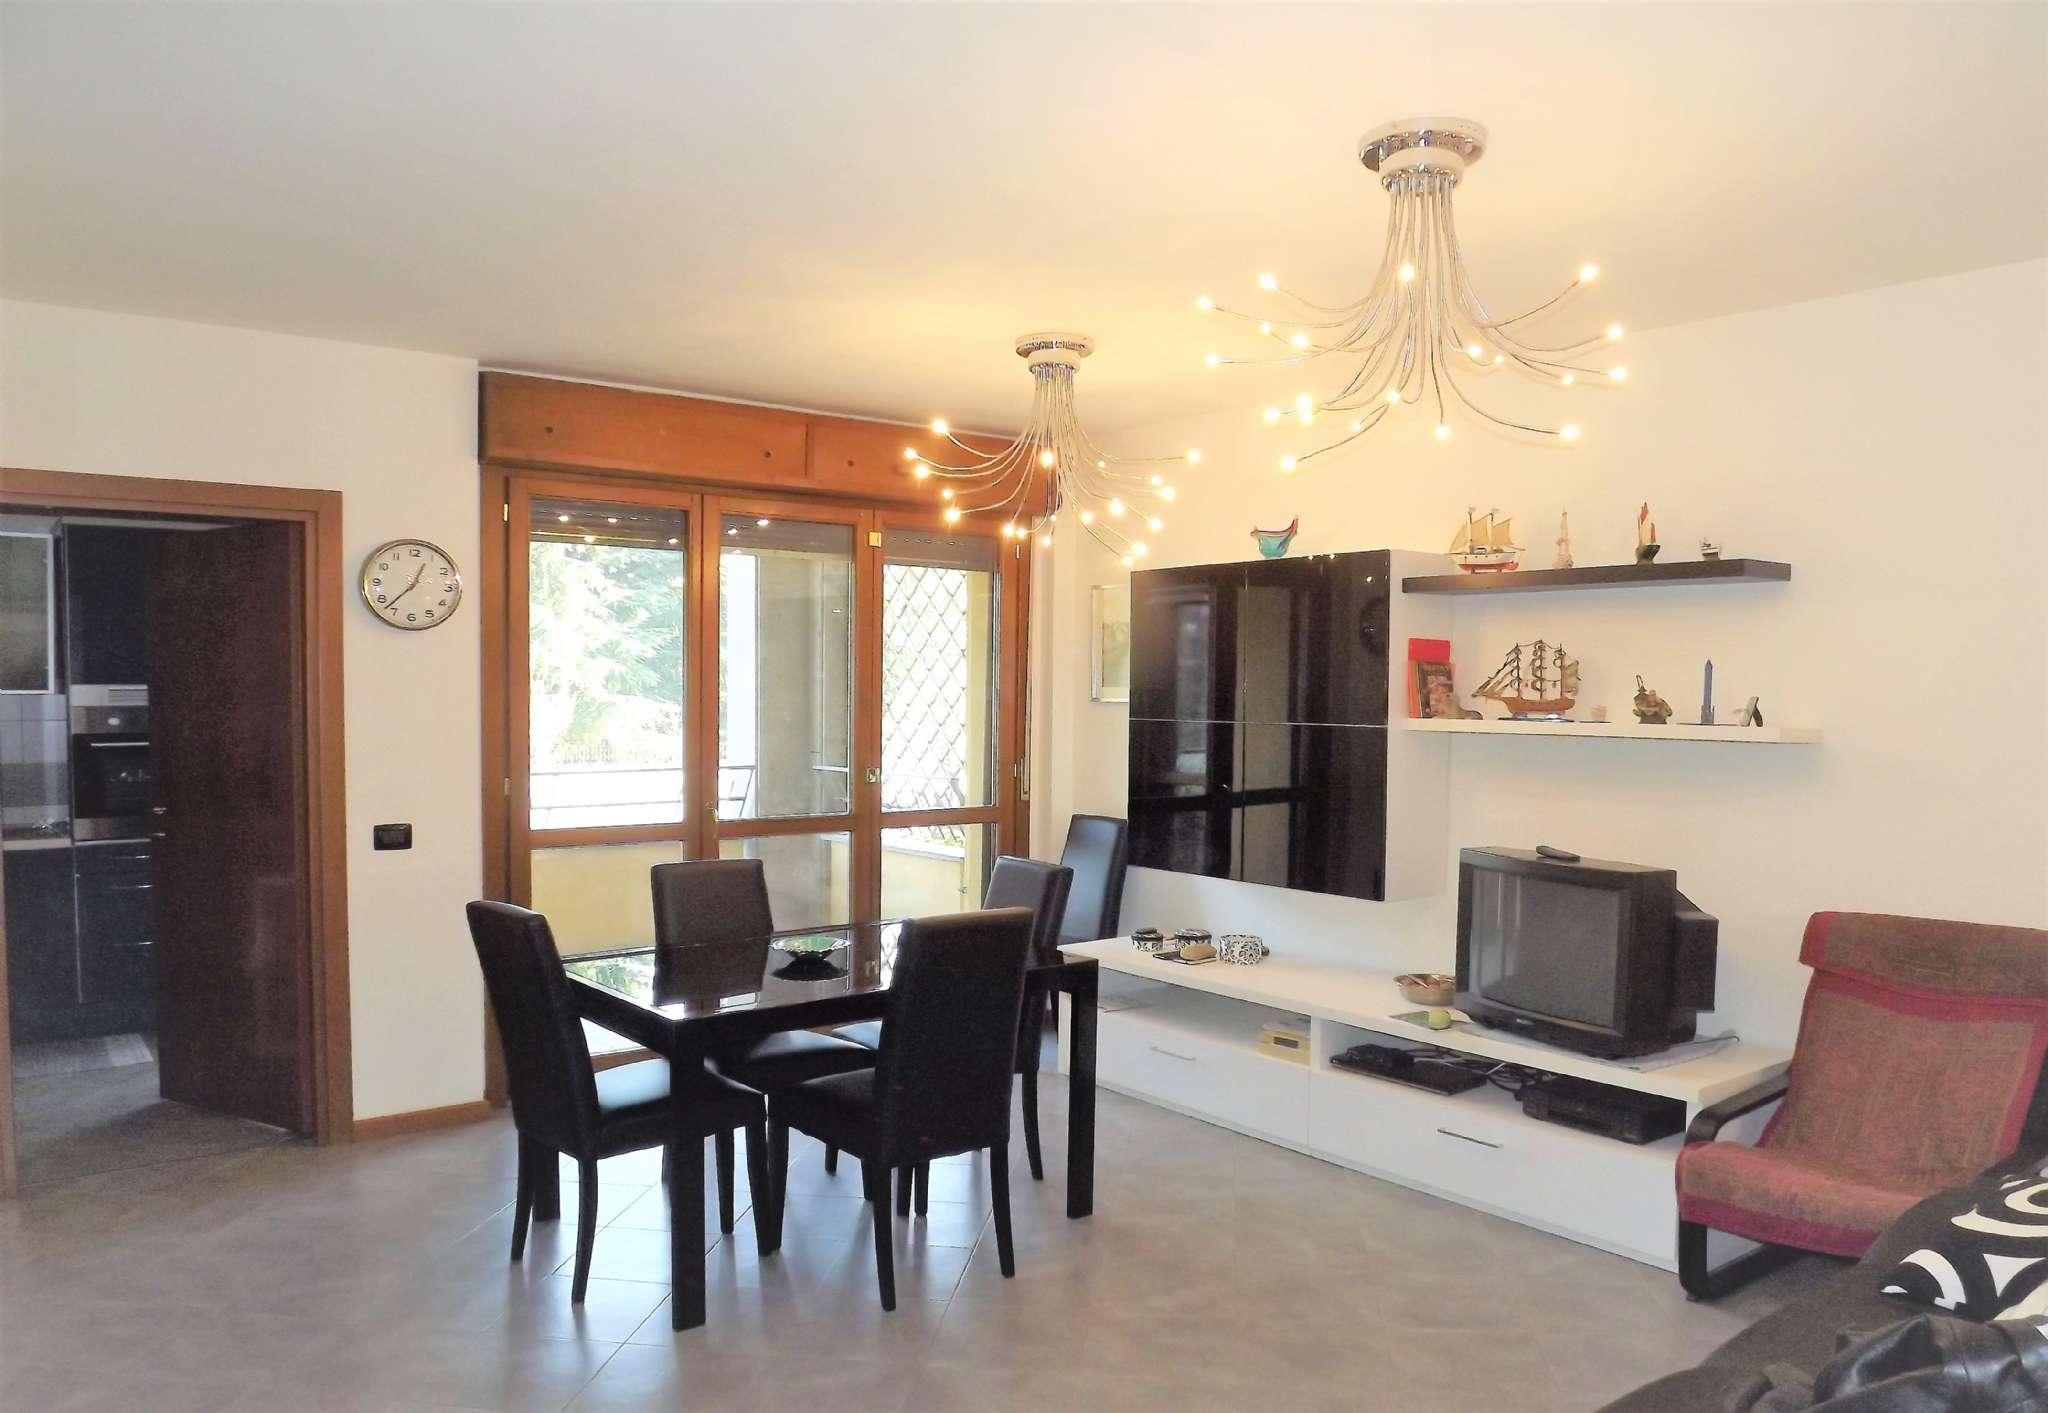 Appartamento in vendita 3 vani 100 mq.  via POMPEO MARCHESI 59 Milano